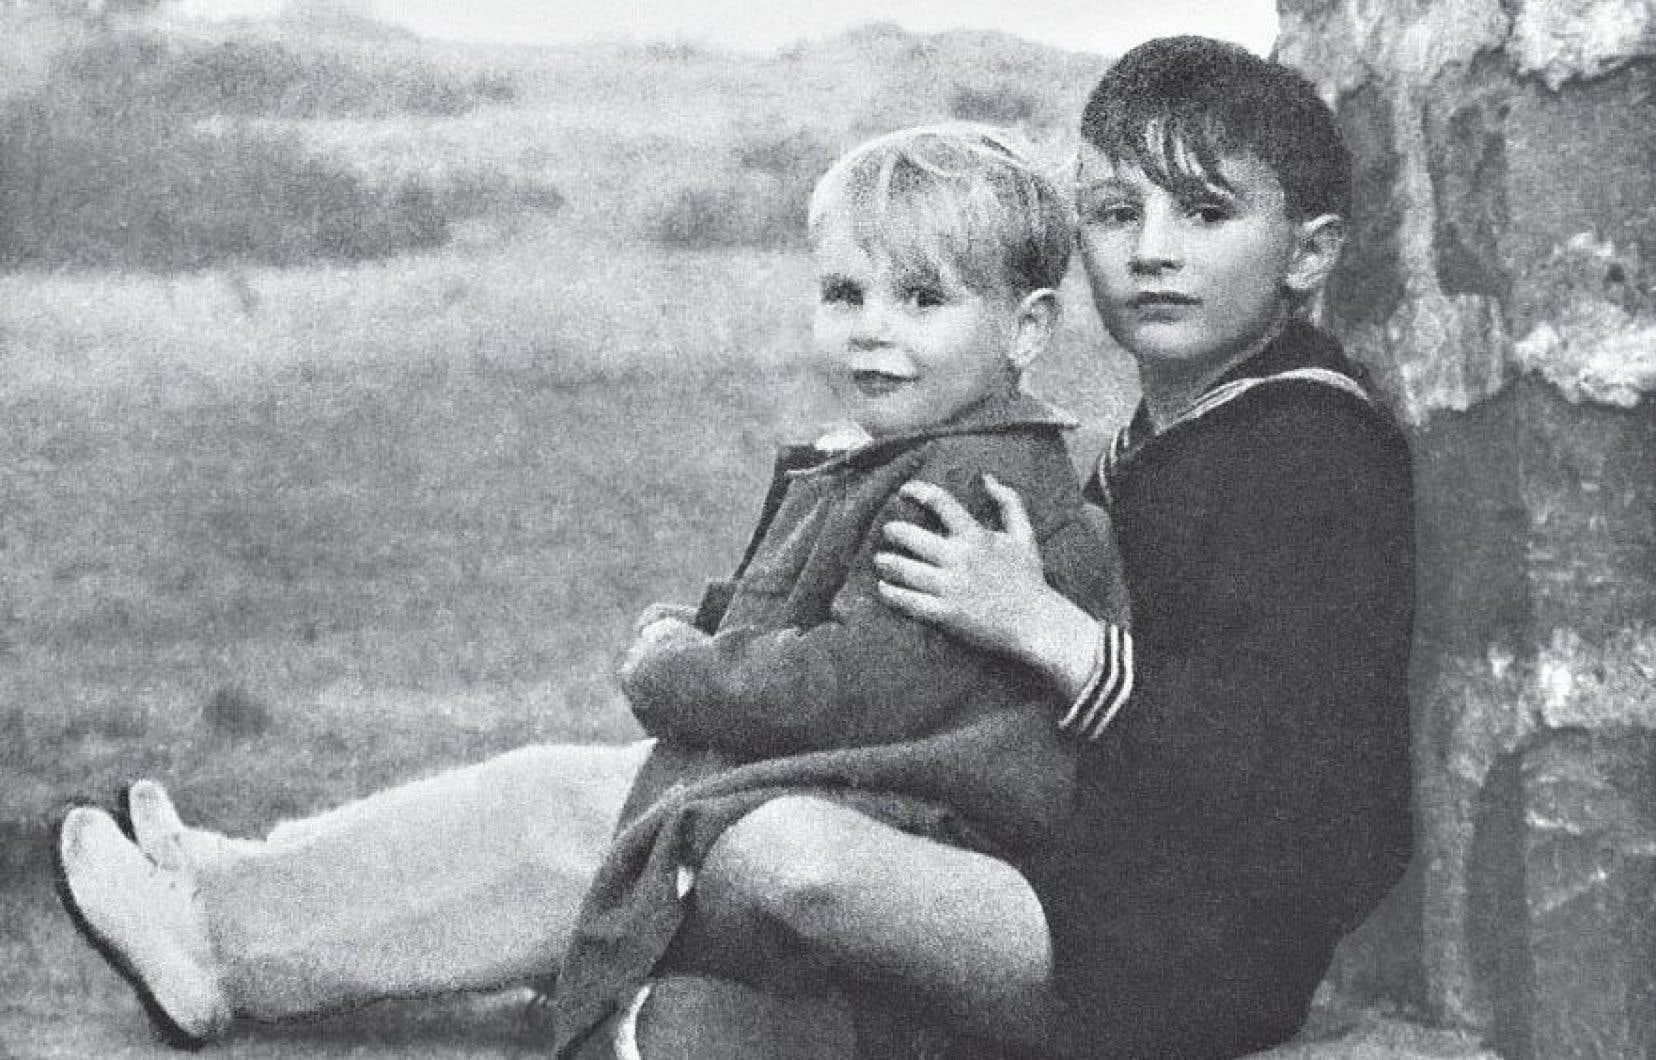 Le petit Daniel Pennac dans les bras de son grand frère Bernard